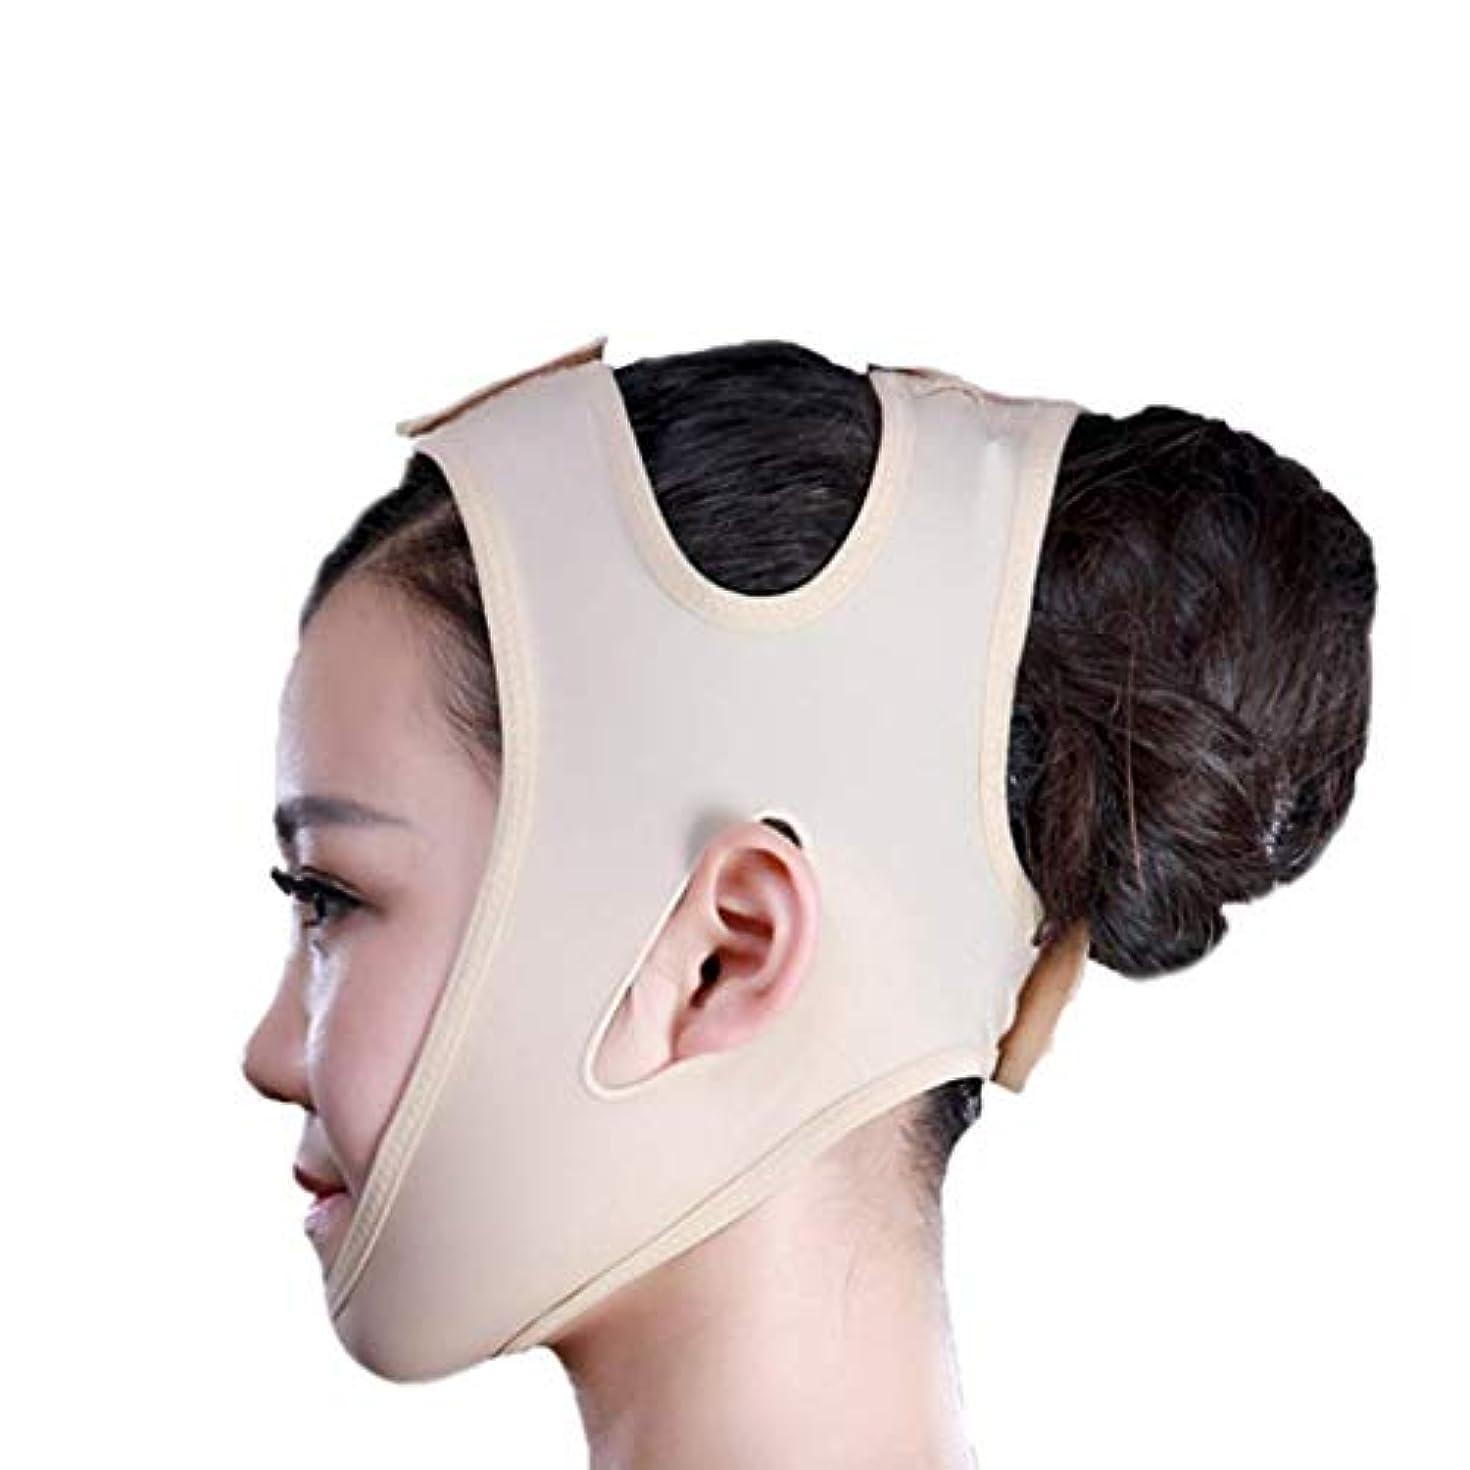 冗長海藻多数のフェイススリミングマスク、快適さと通気性、フェイシャルリフティング、輪郭の改善された硬さ、ファーミングとリフティングフェイス(カラー:ブラック、サイズ:XL),黄色がかったピンク、M